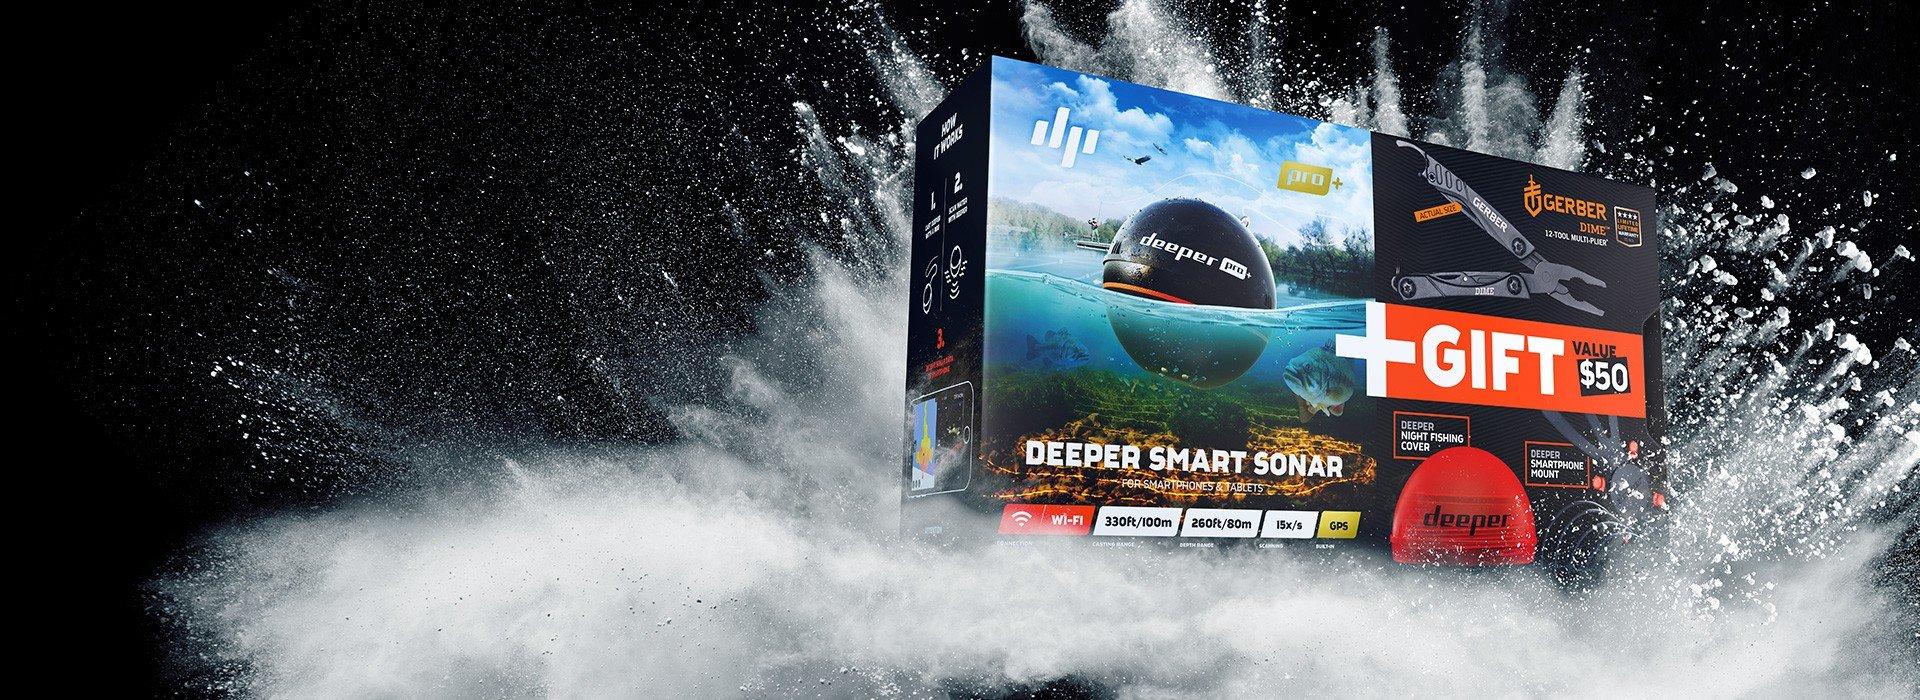 Deeper PRO+ スペシャルサービスセット今お使いの釣り具に加えておくと便利